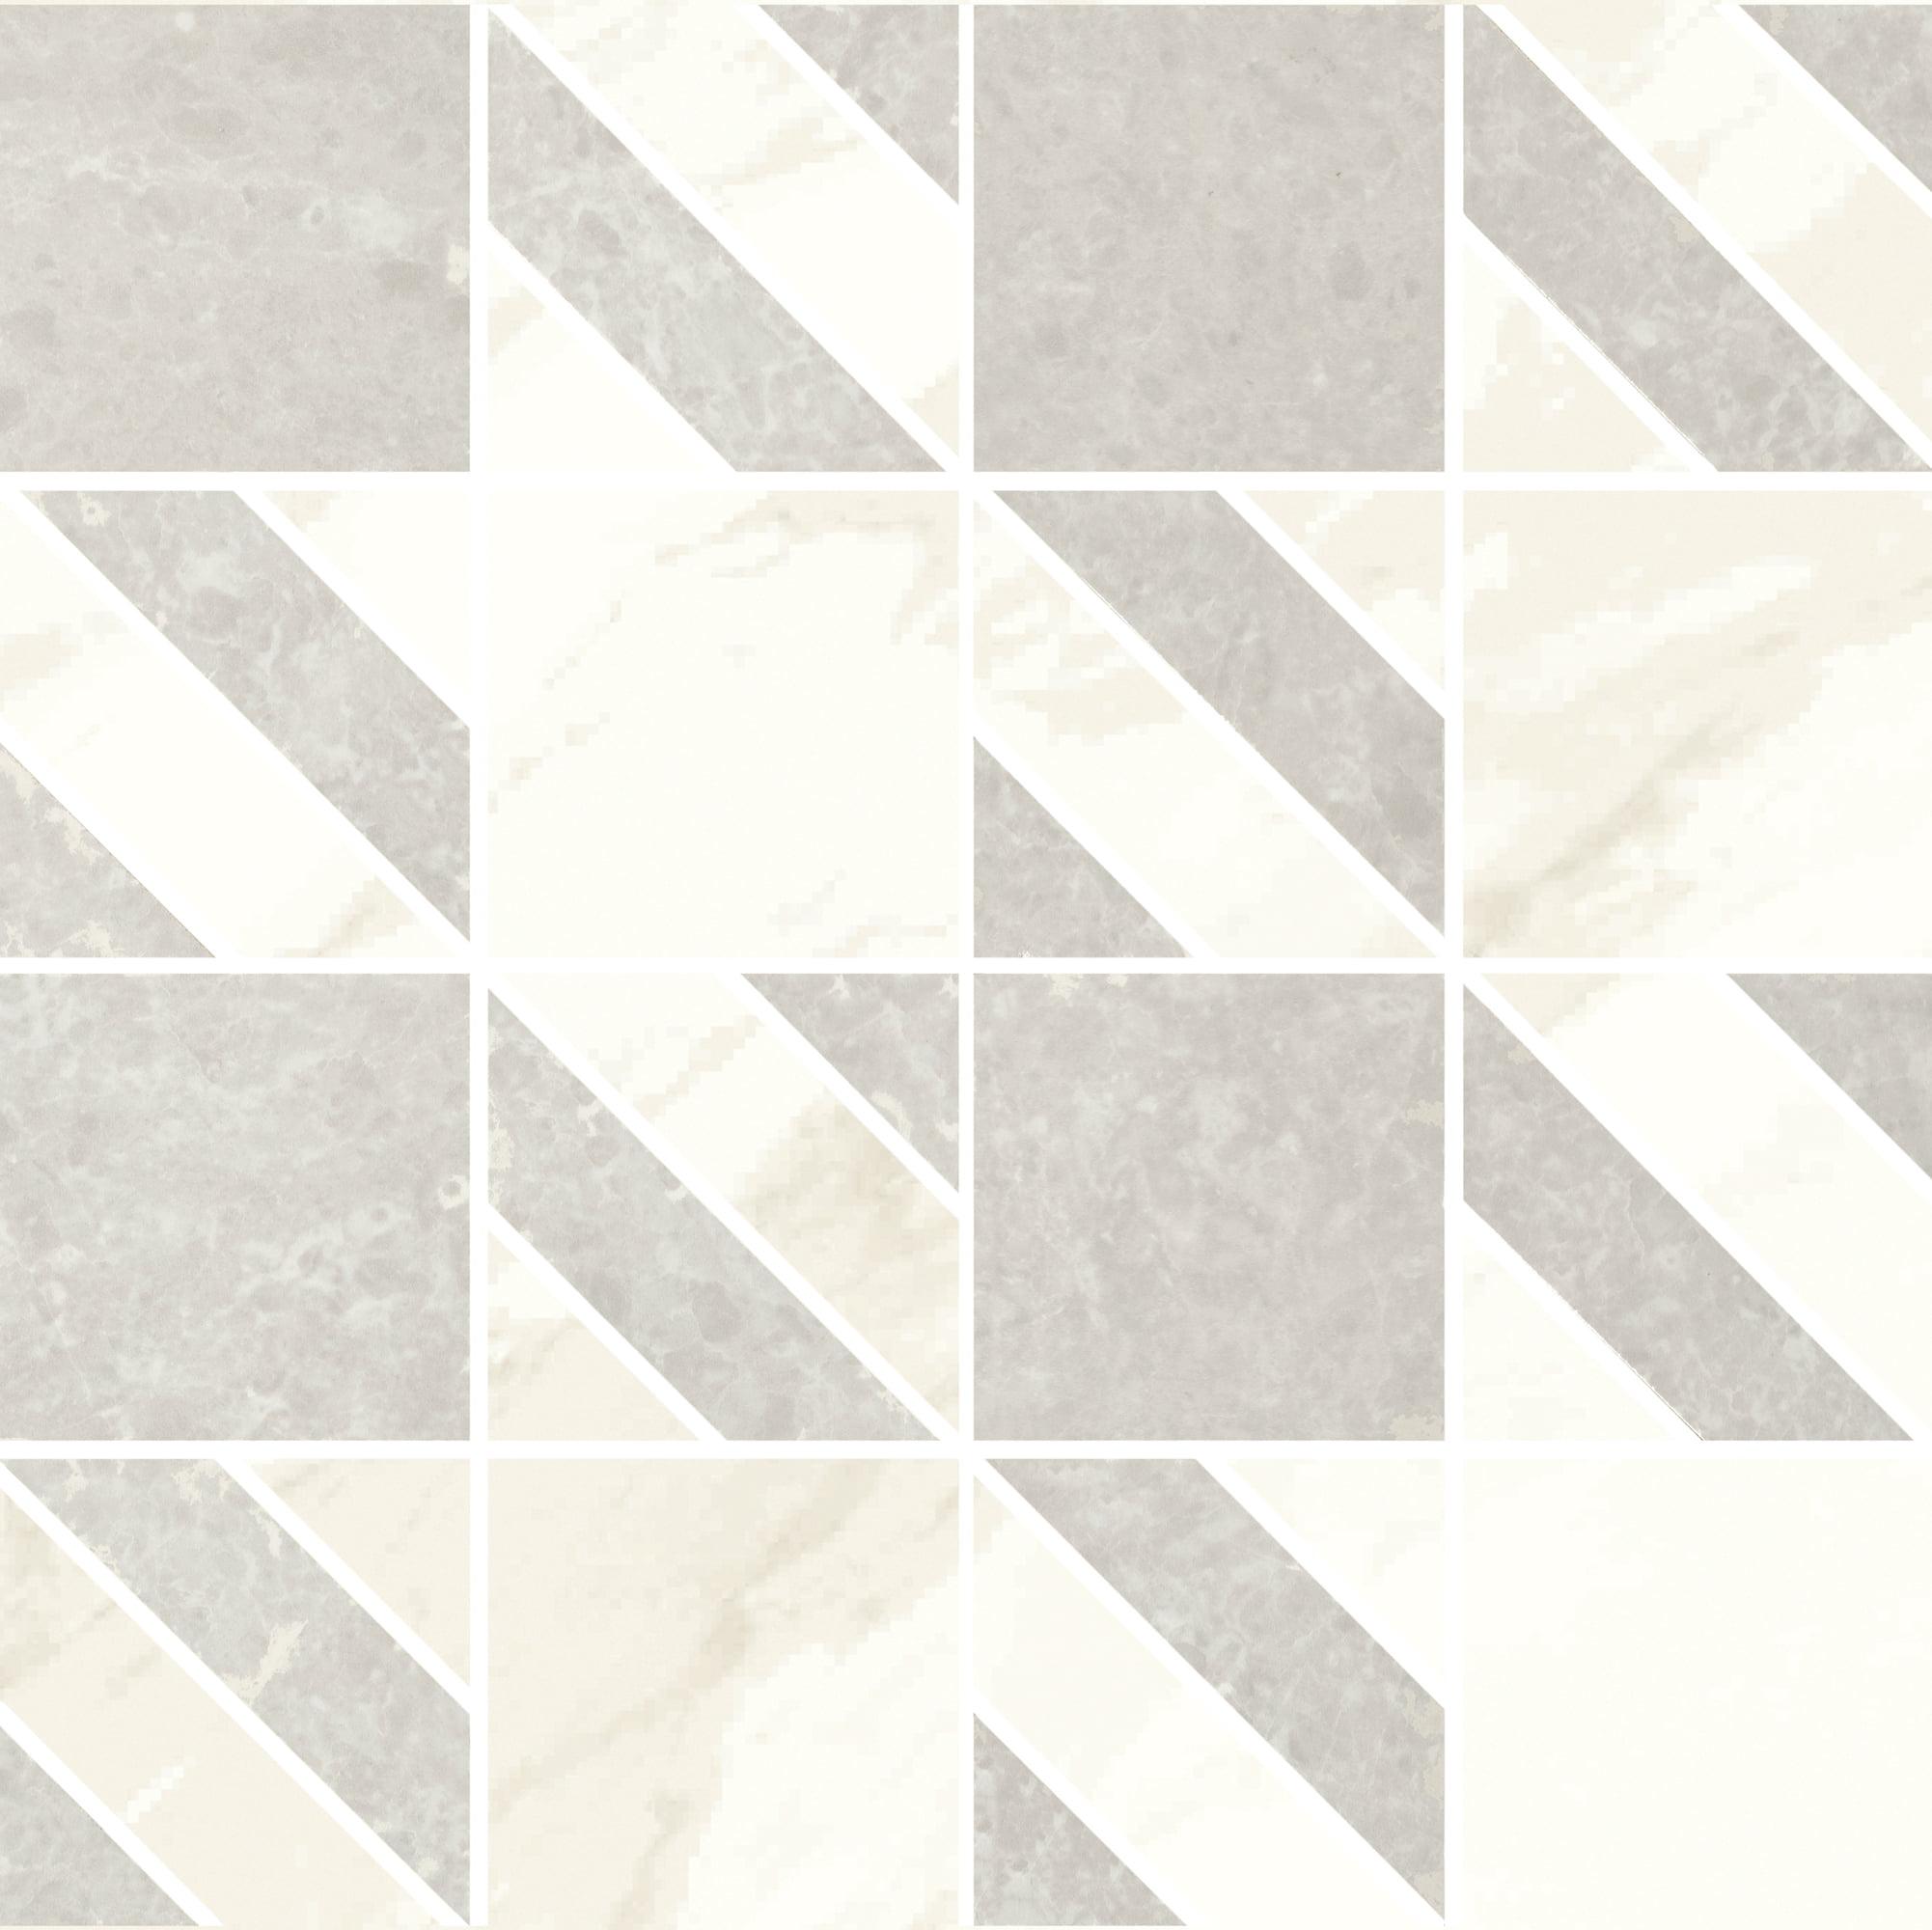 Mosaico Sparkle White